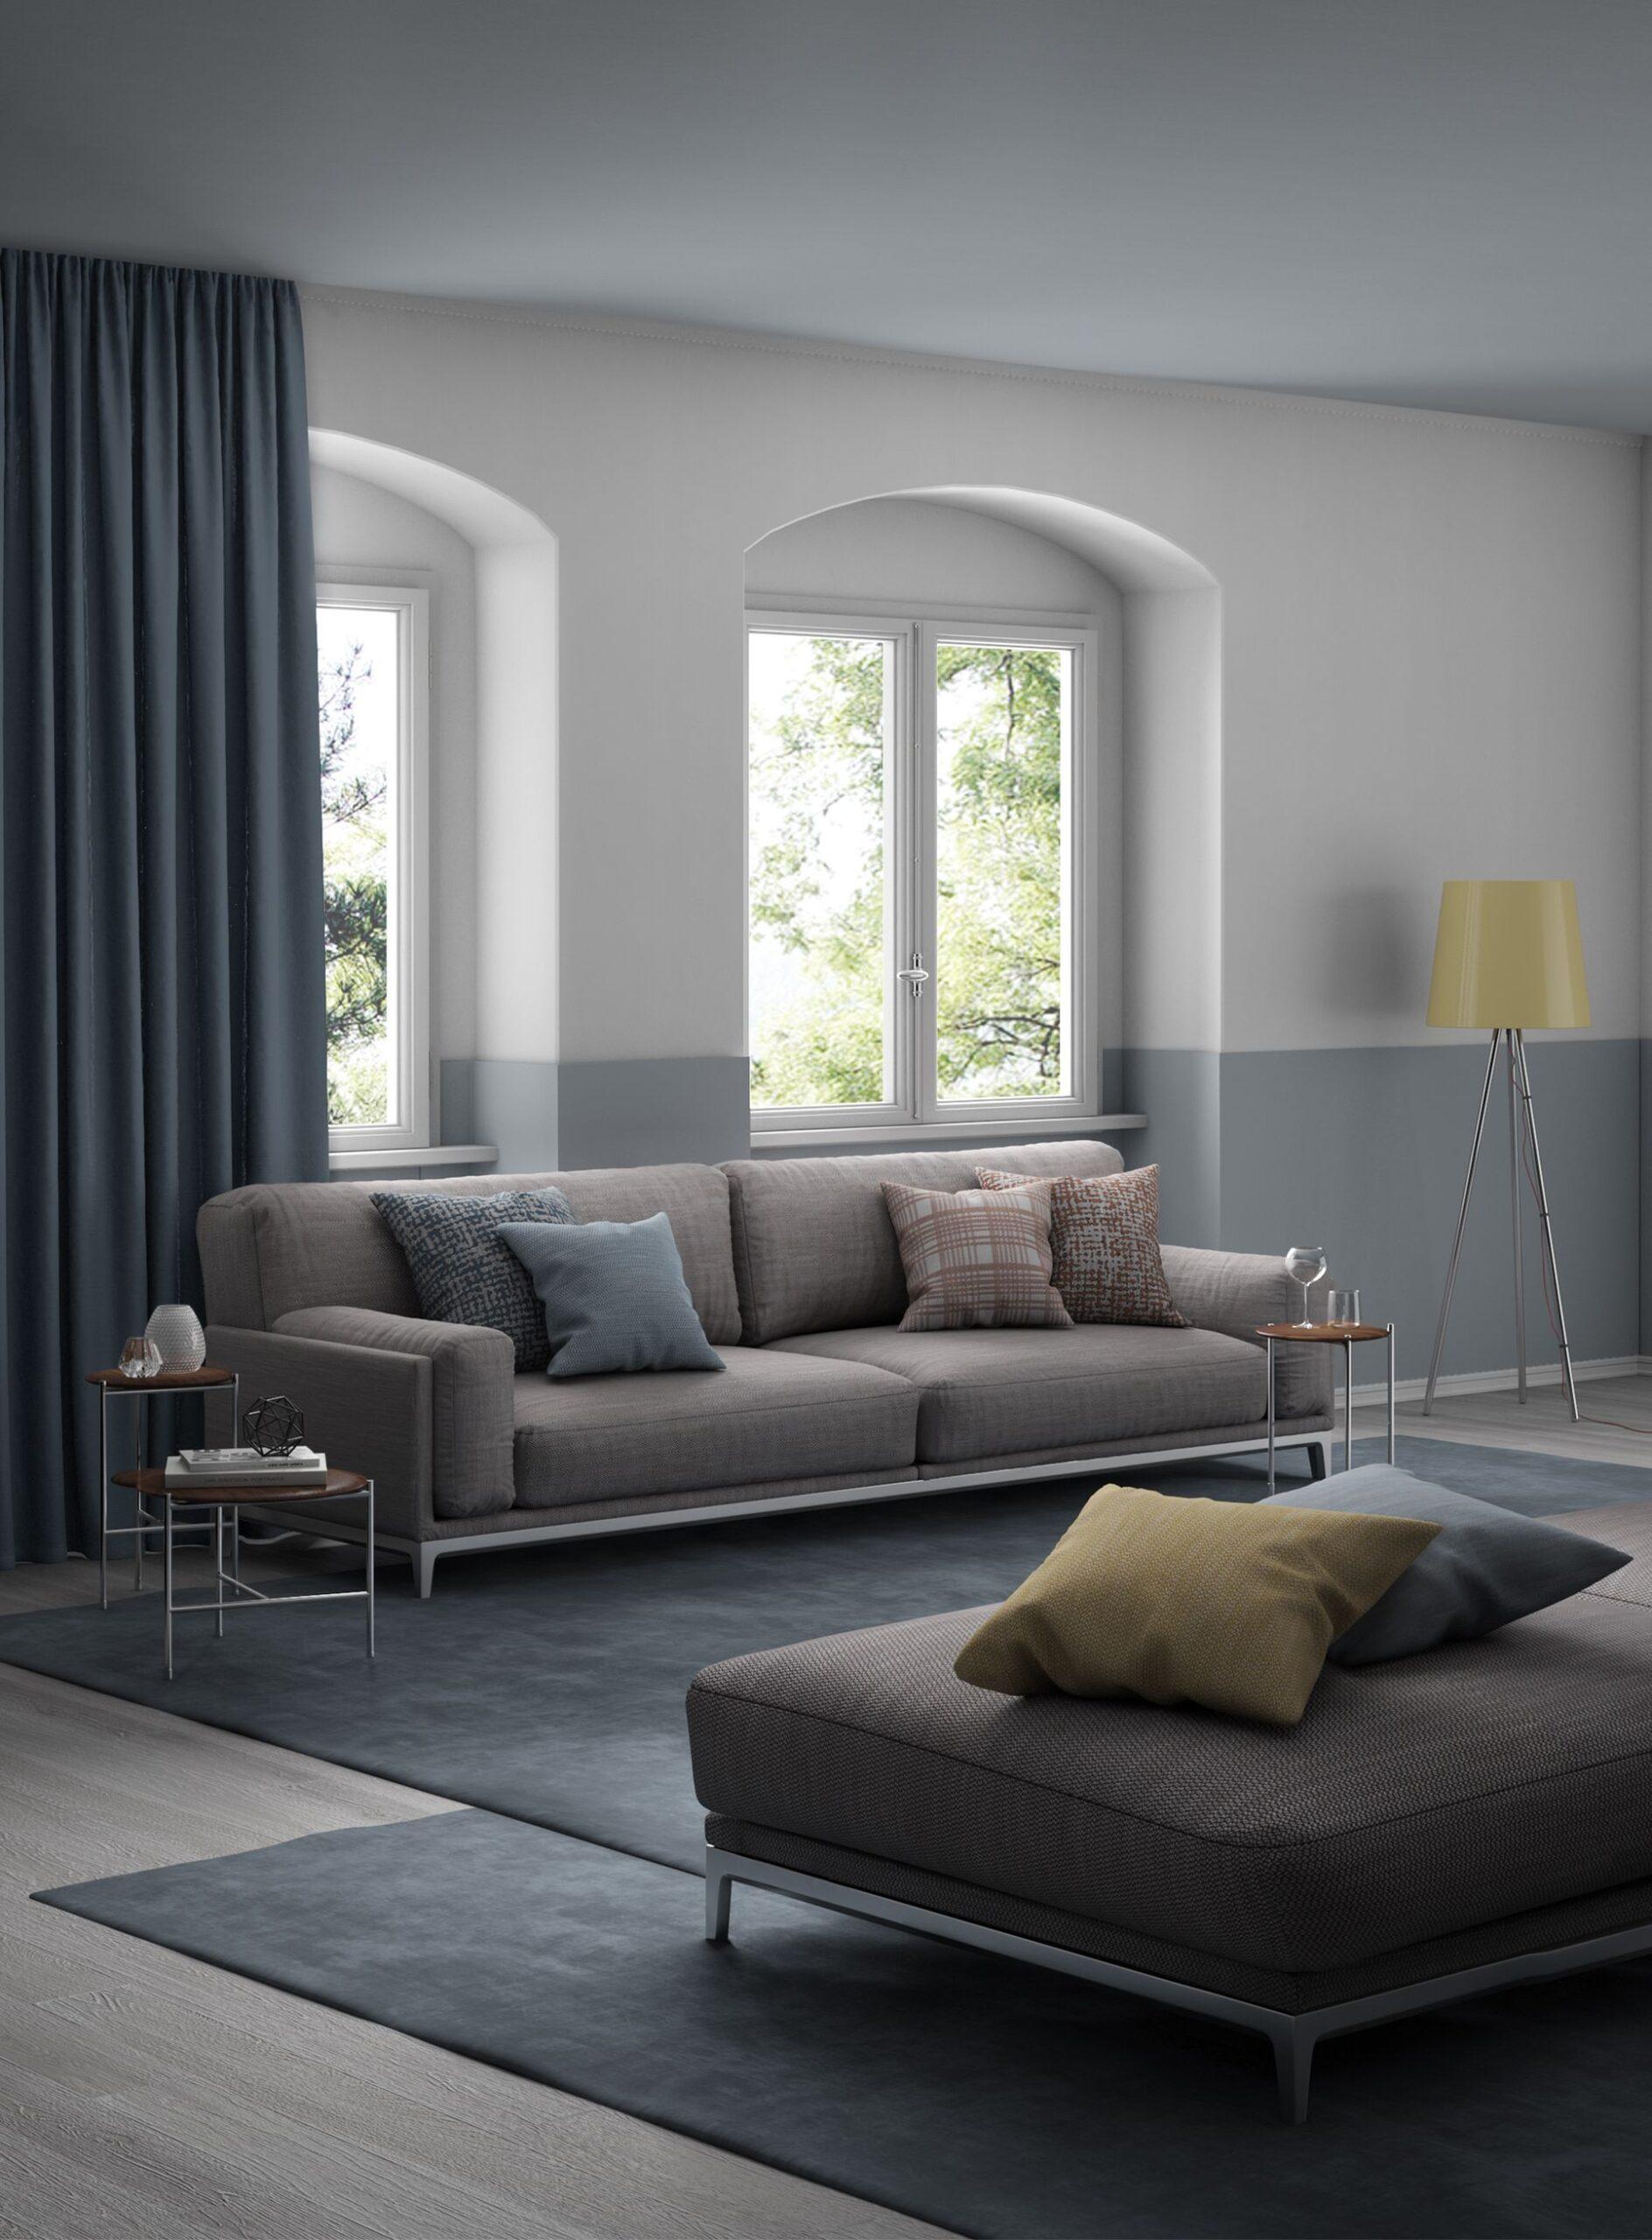 tenda-soggiorno-divano-arredamento